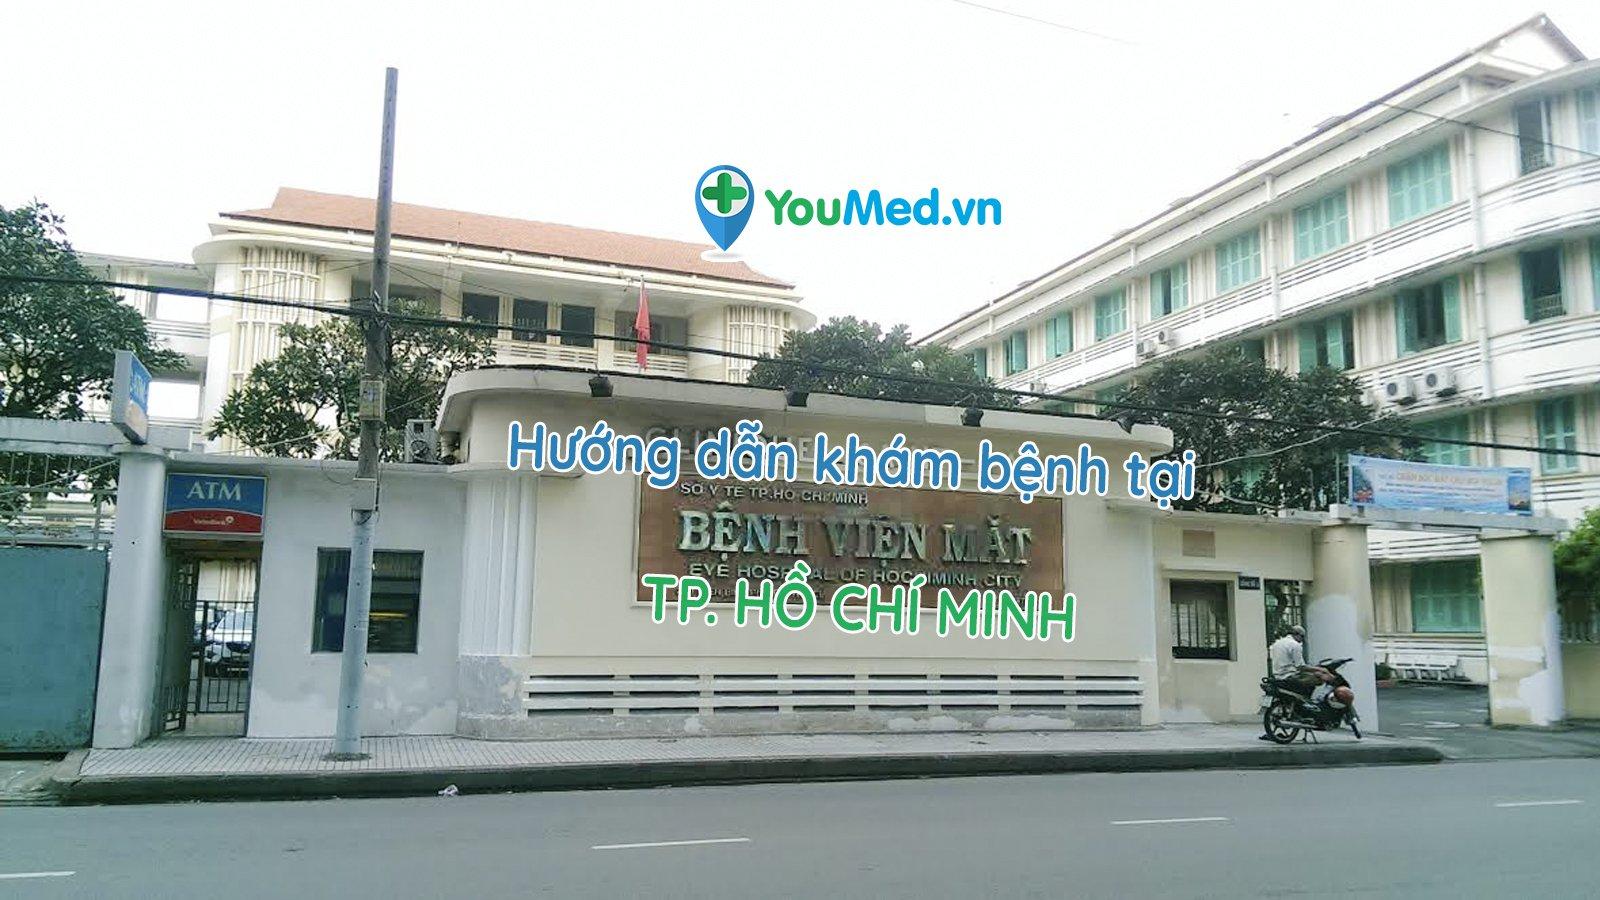 Hướng dẫn khám bệnh tại bệnh viện Mắt TP. Hồ Chí Minh